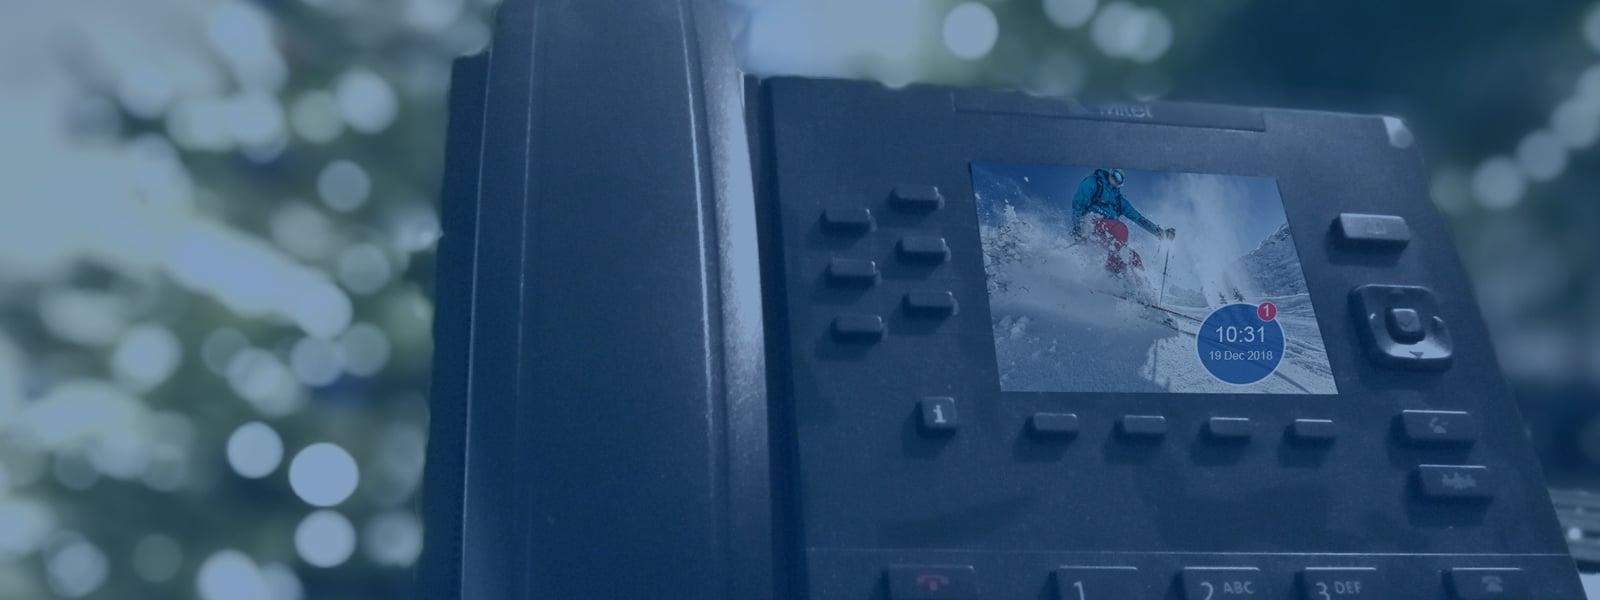 telefonische bereikbaarheid aanpassen feestdagen